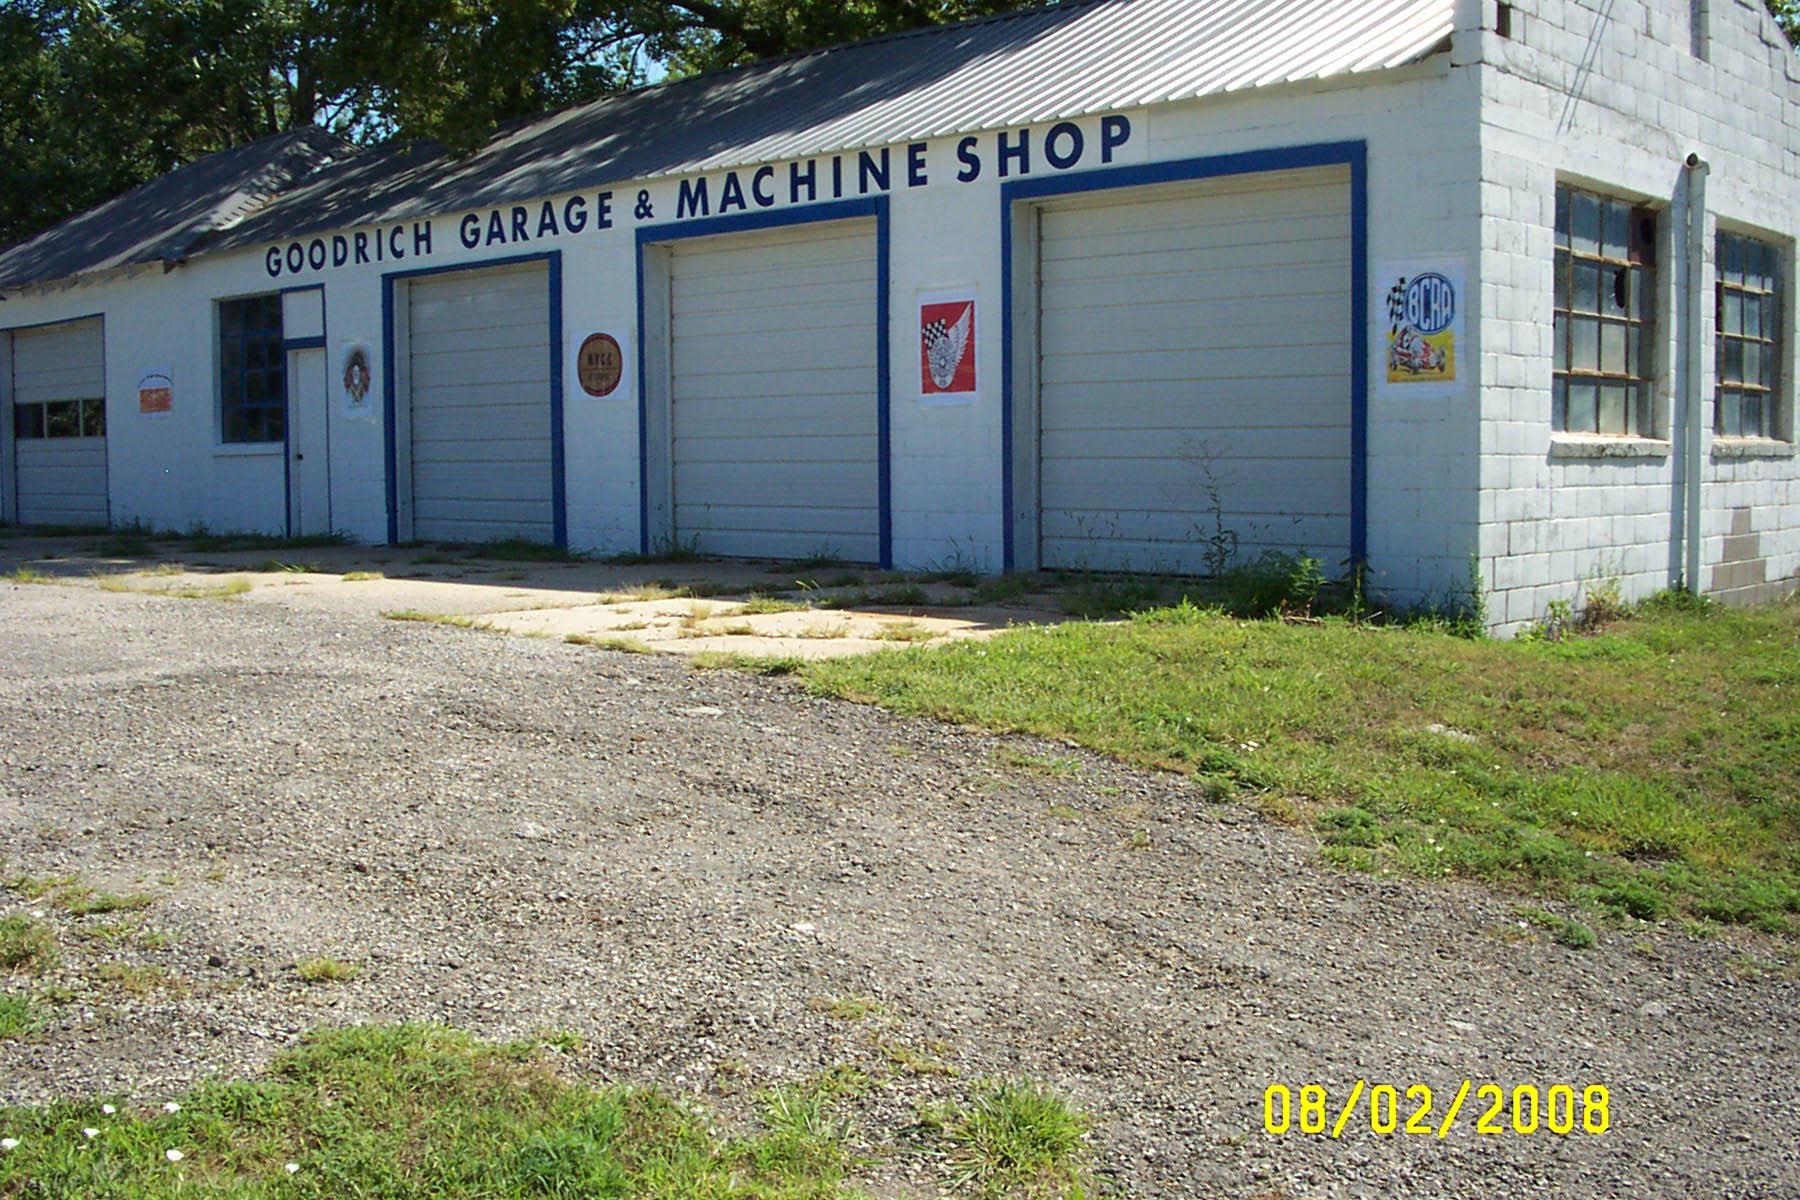 Goodrich Garage